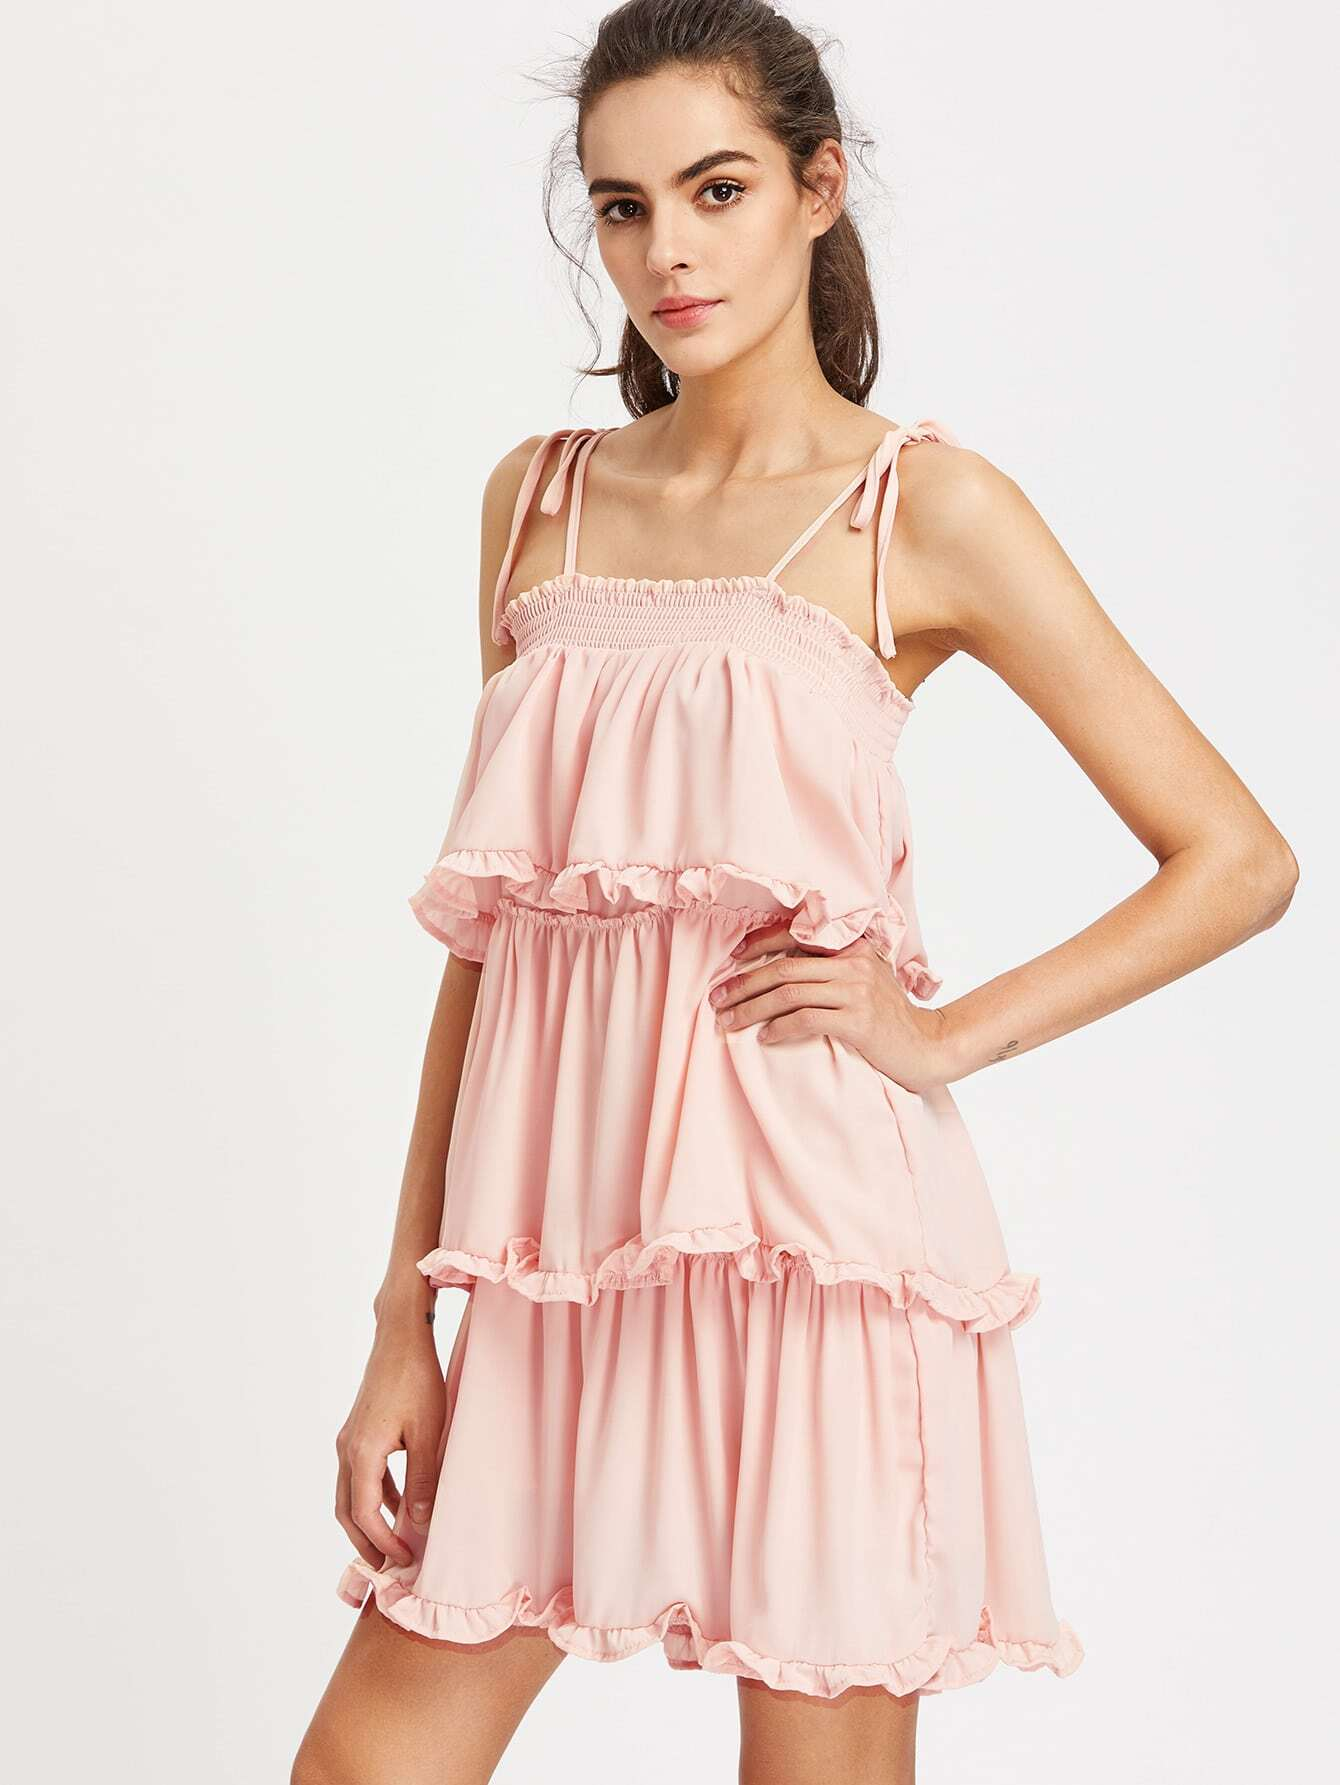 dress170501204_2